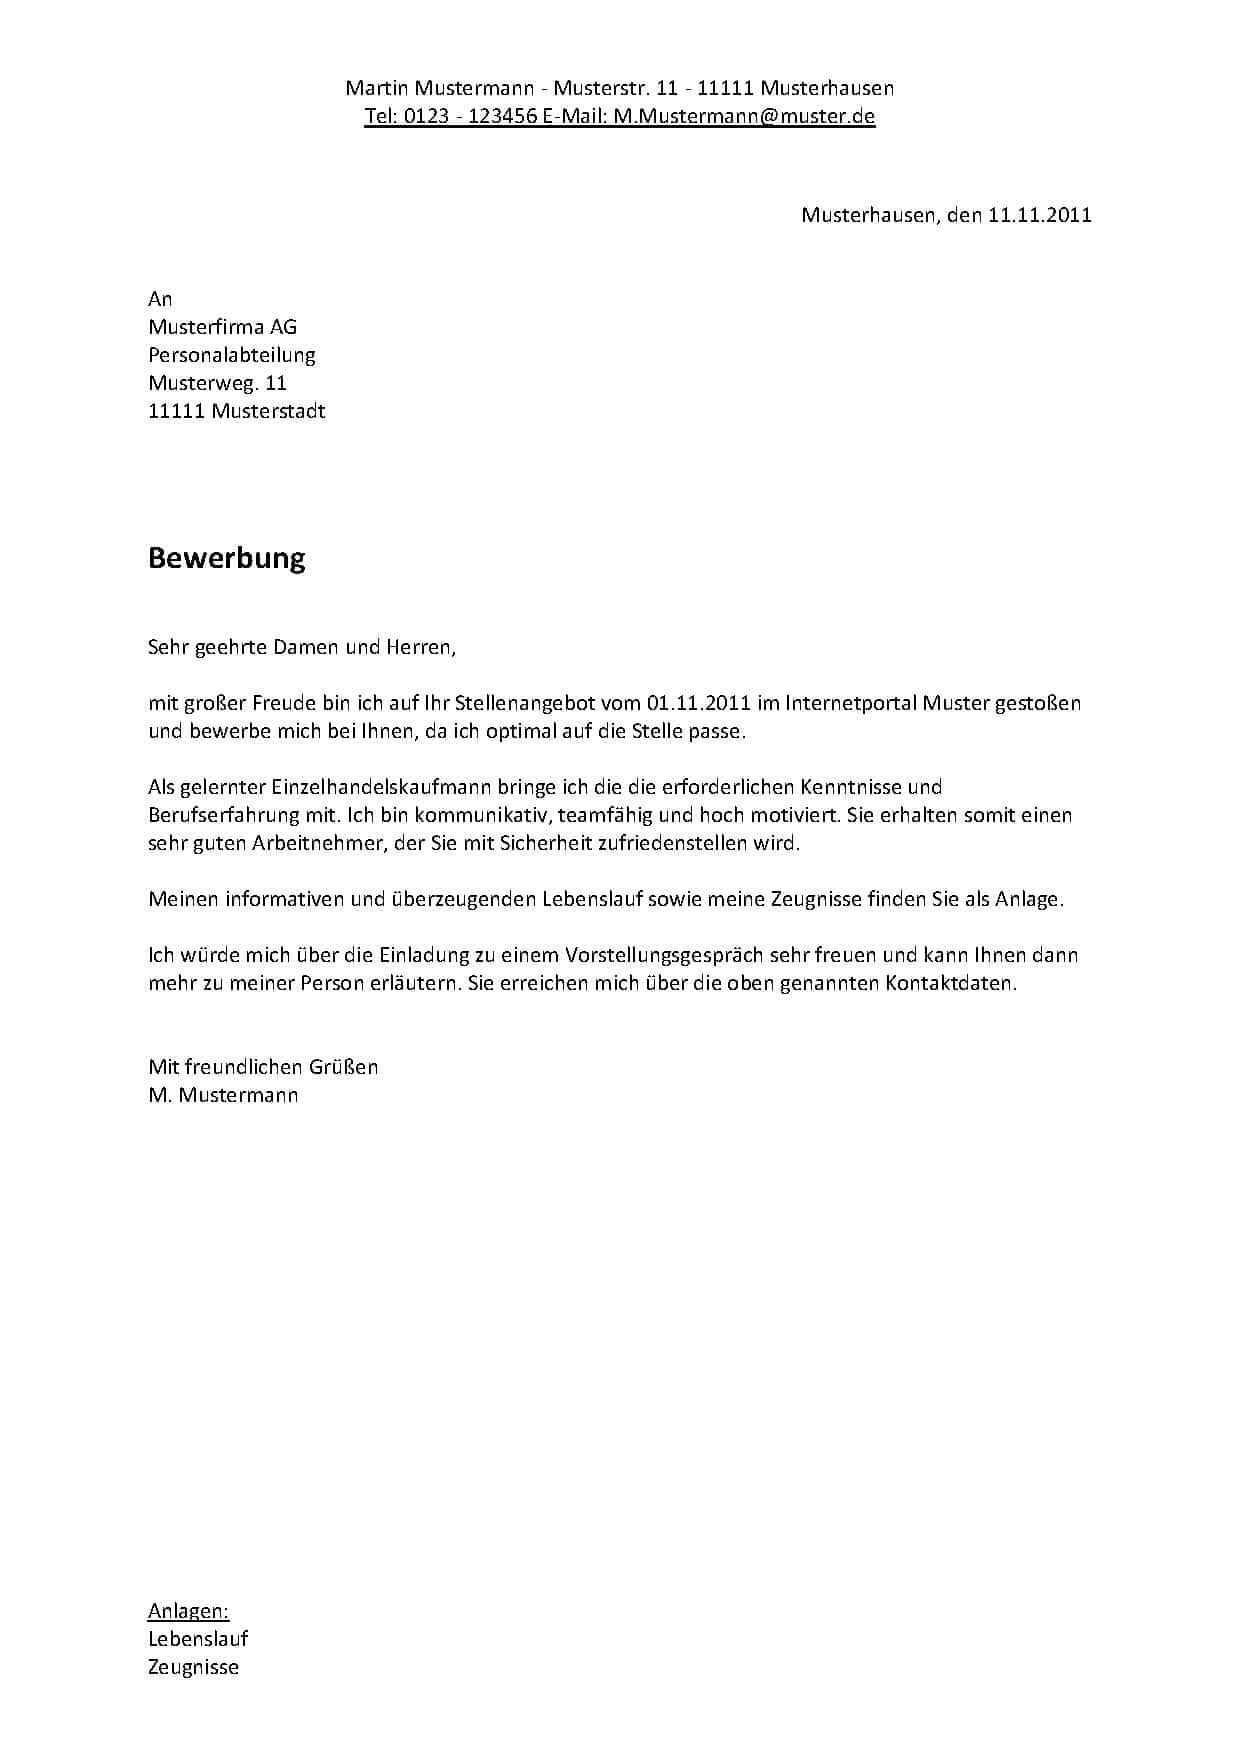 Bewerbungsschreiben Muster Bewerbungsschreiben Jobwechsel Muster Bewerbungsvorlagen Vorlagen Bewerbungsschreiben In 2020 Resume Template Free Resume Resume Template